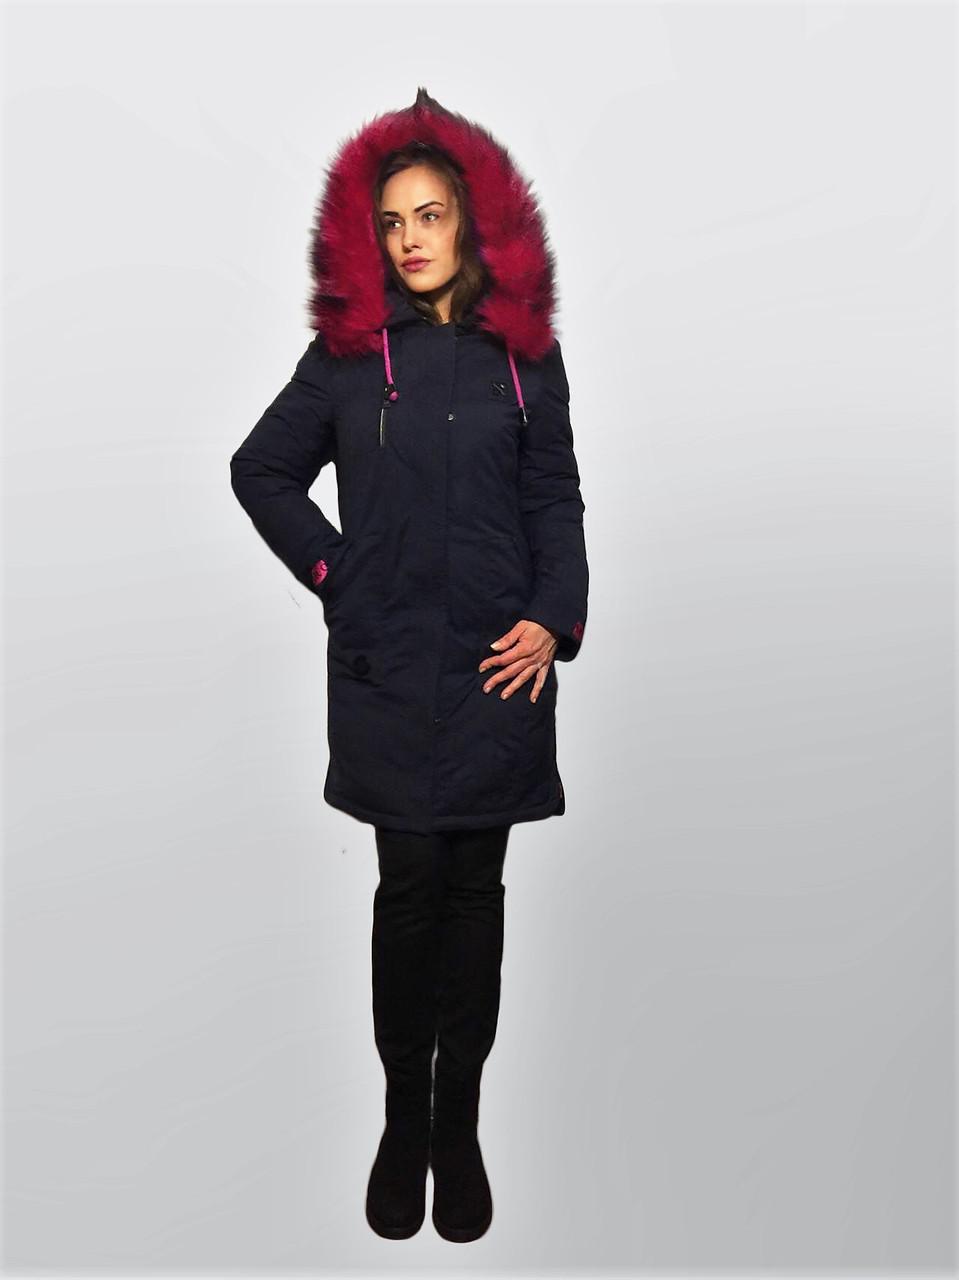 aa836493b26 качественные фабричные зимние куртки фабрика Qarlevar размеры до 52